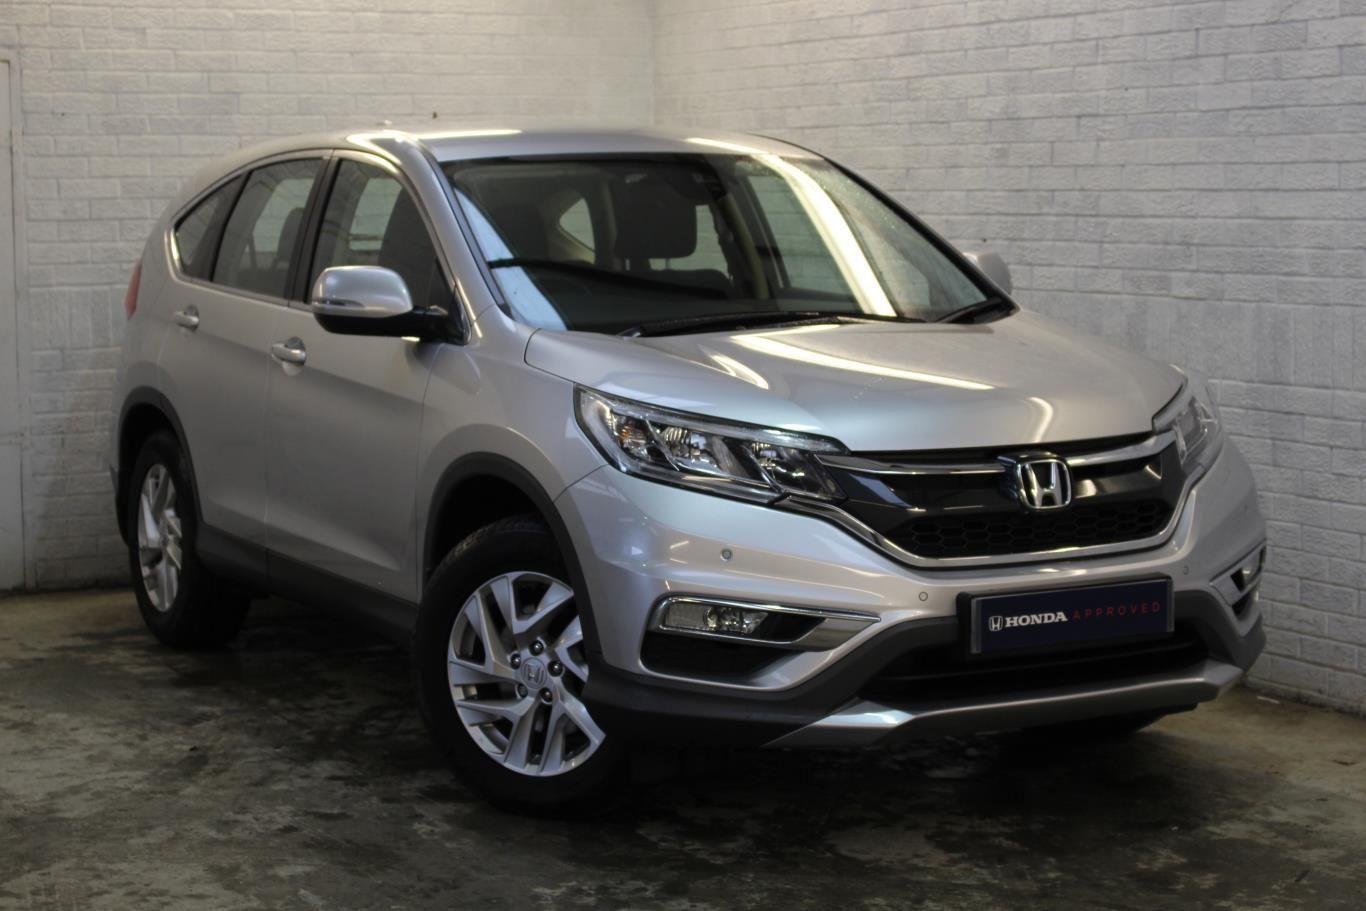 Honda CR-V 1.6 I-DTEC SE AWD